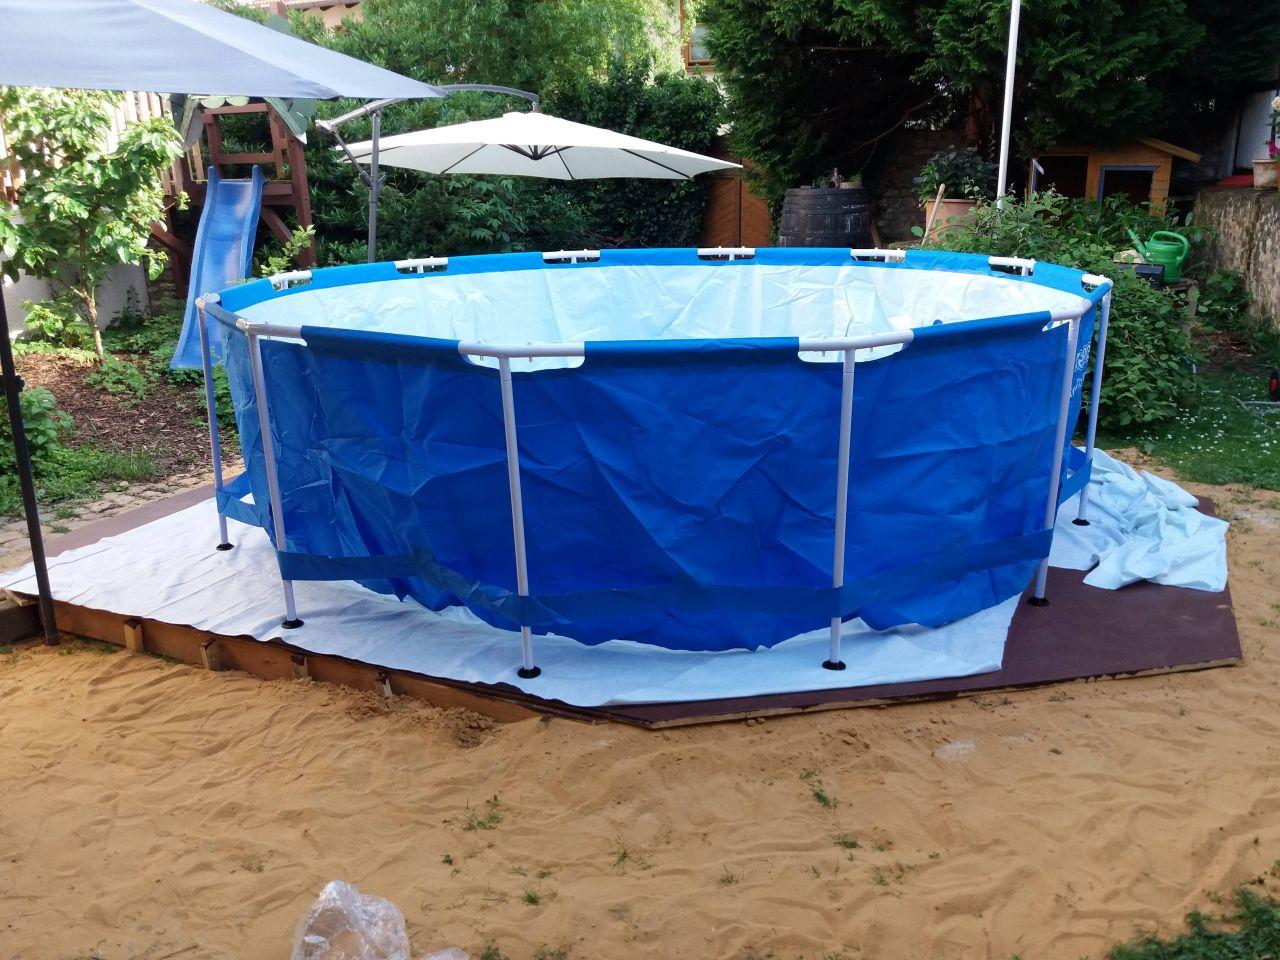 Full Size of Pool Selber Bauen Ist Cool Bauanleitung Zum Selberbauen 1 2 Docom Deine Fenster Einbauen Dusche Einbauküche Schwimmingpool Für Den Garten Bodengleiche Wohnzimmer Pool Selber Bauen